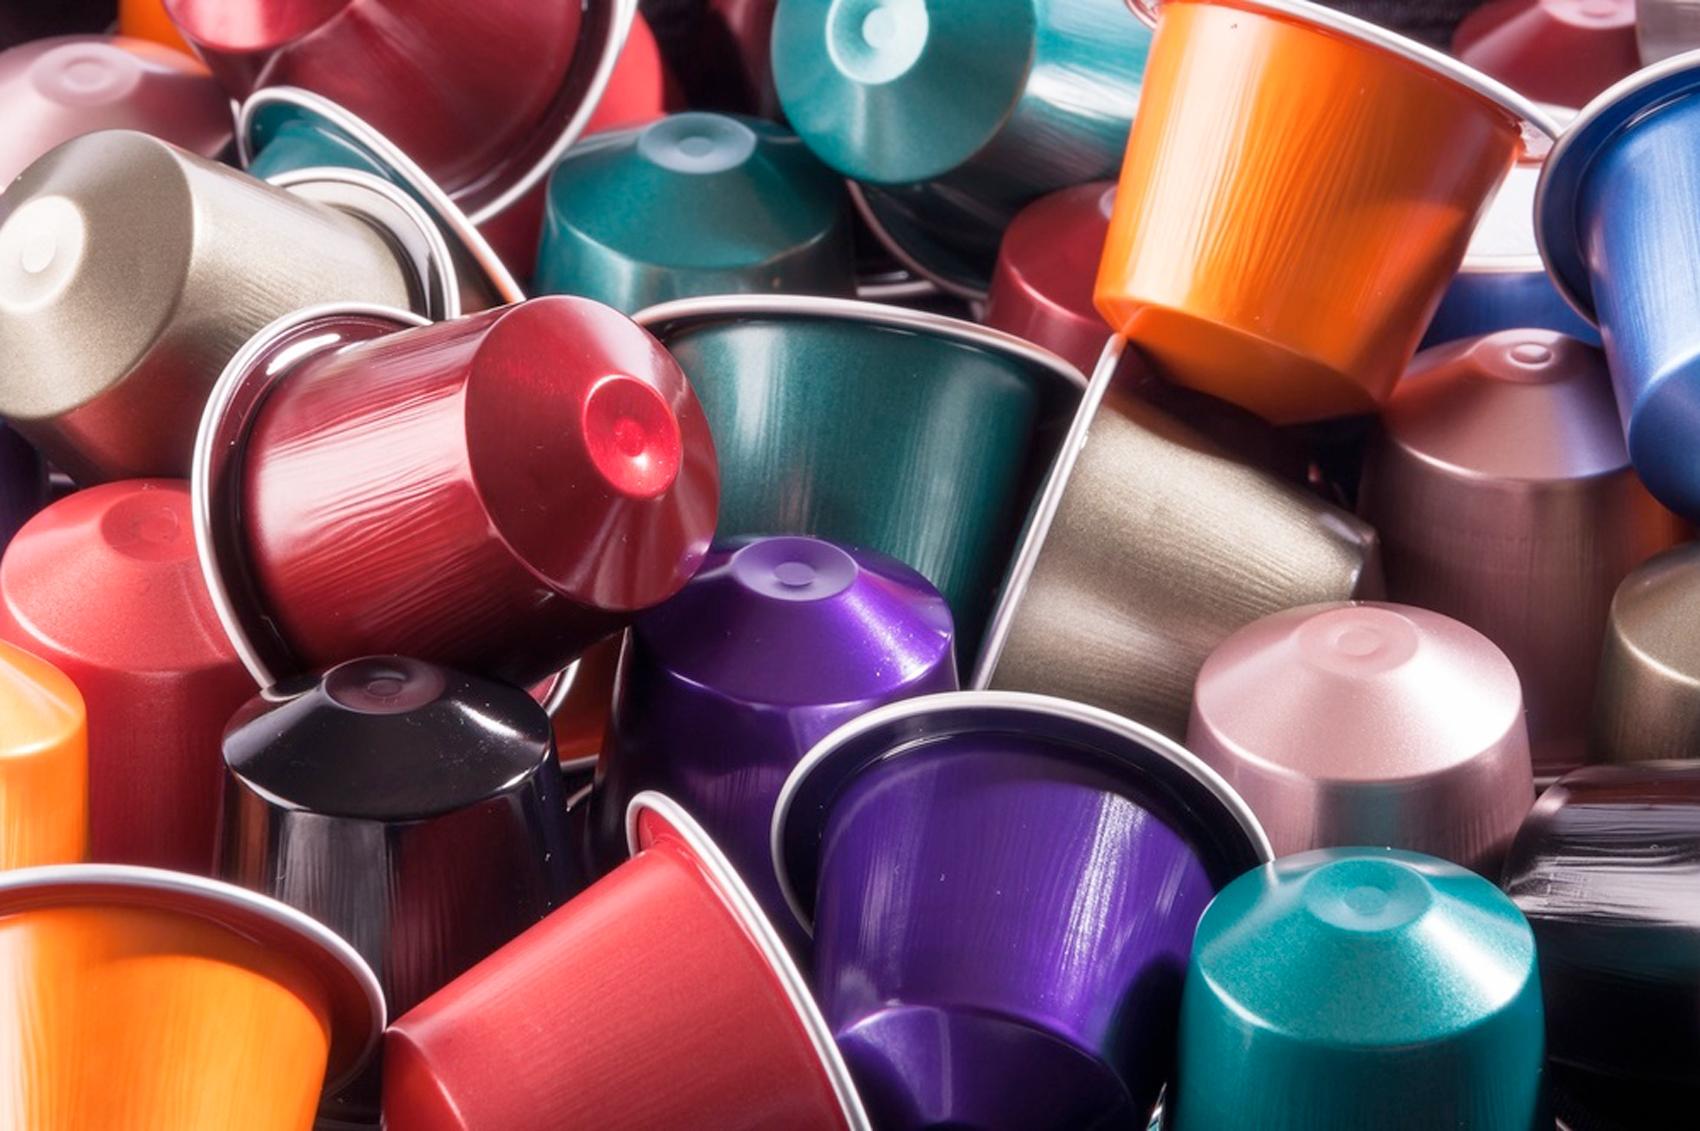 5 cose che non pensavi di poter riciclare - Fatti di Bio